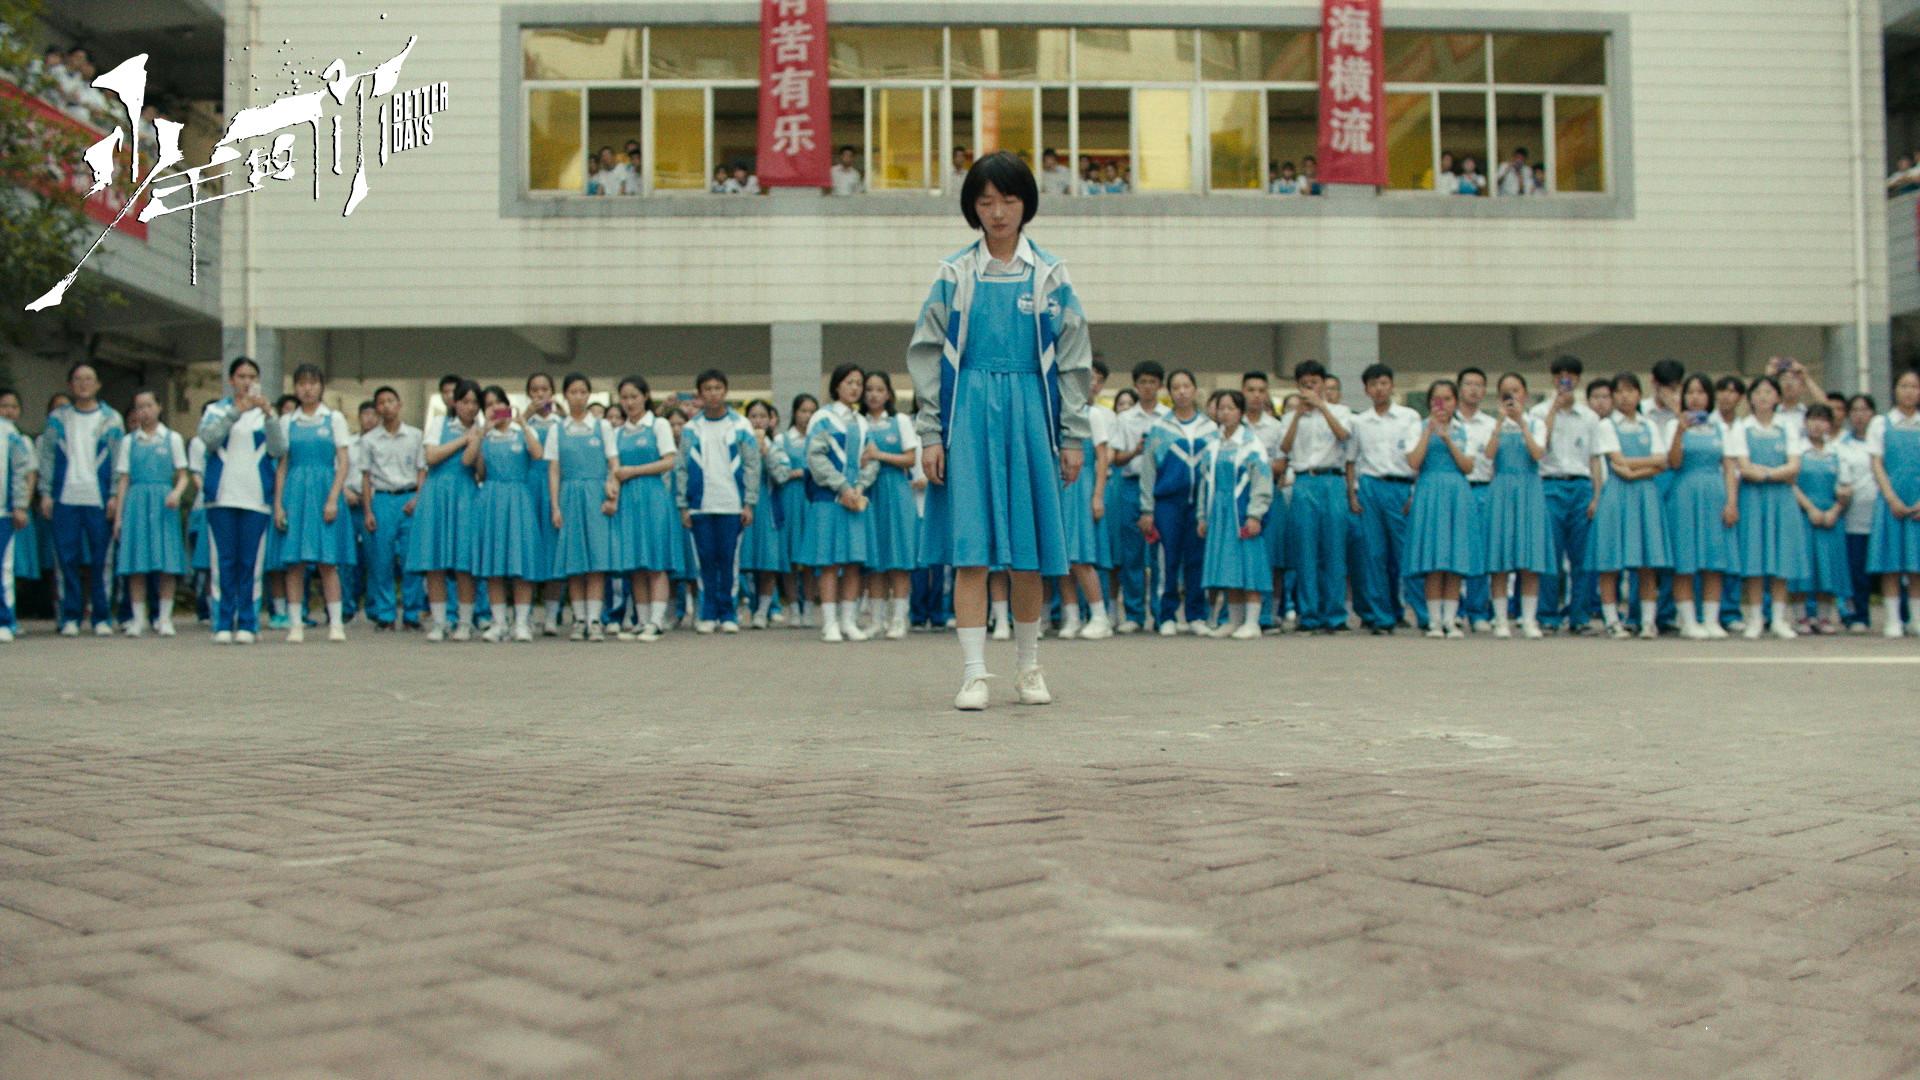 免費共享《少年的你》在線觀看免費觀看(無刪減)【1080p高清國語】完整資源分享